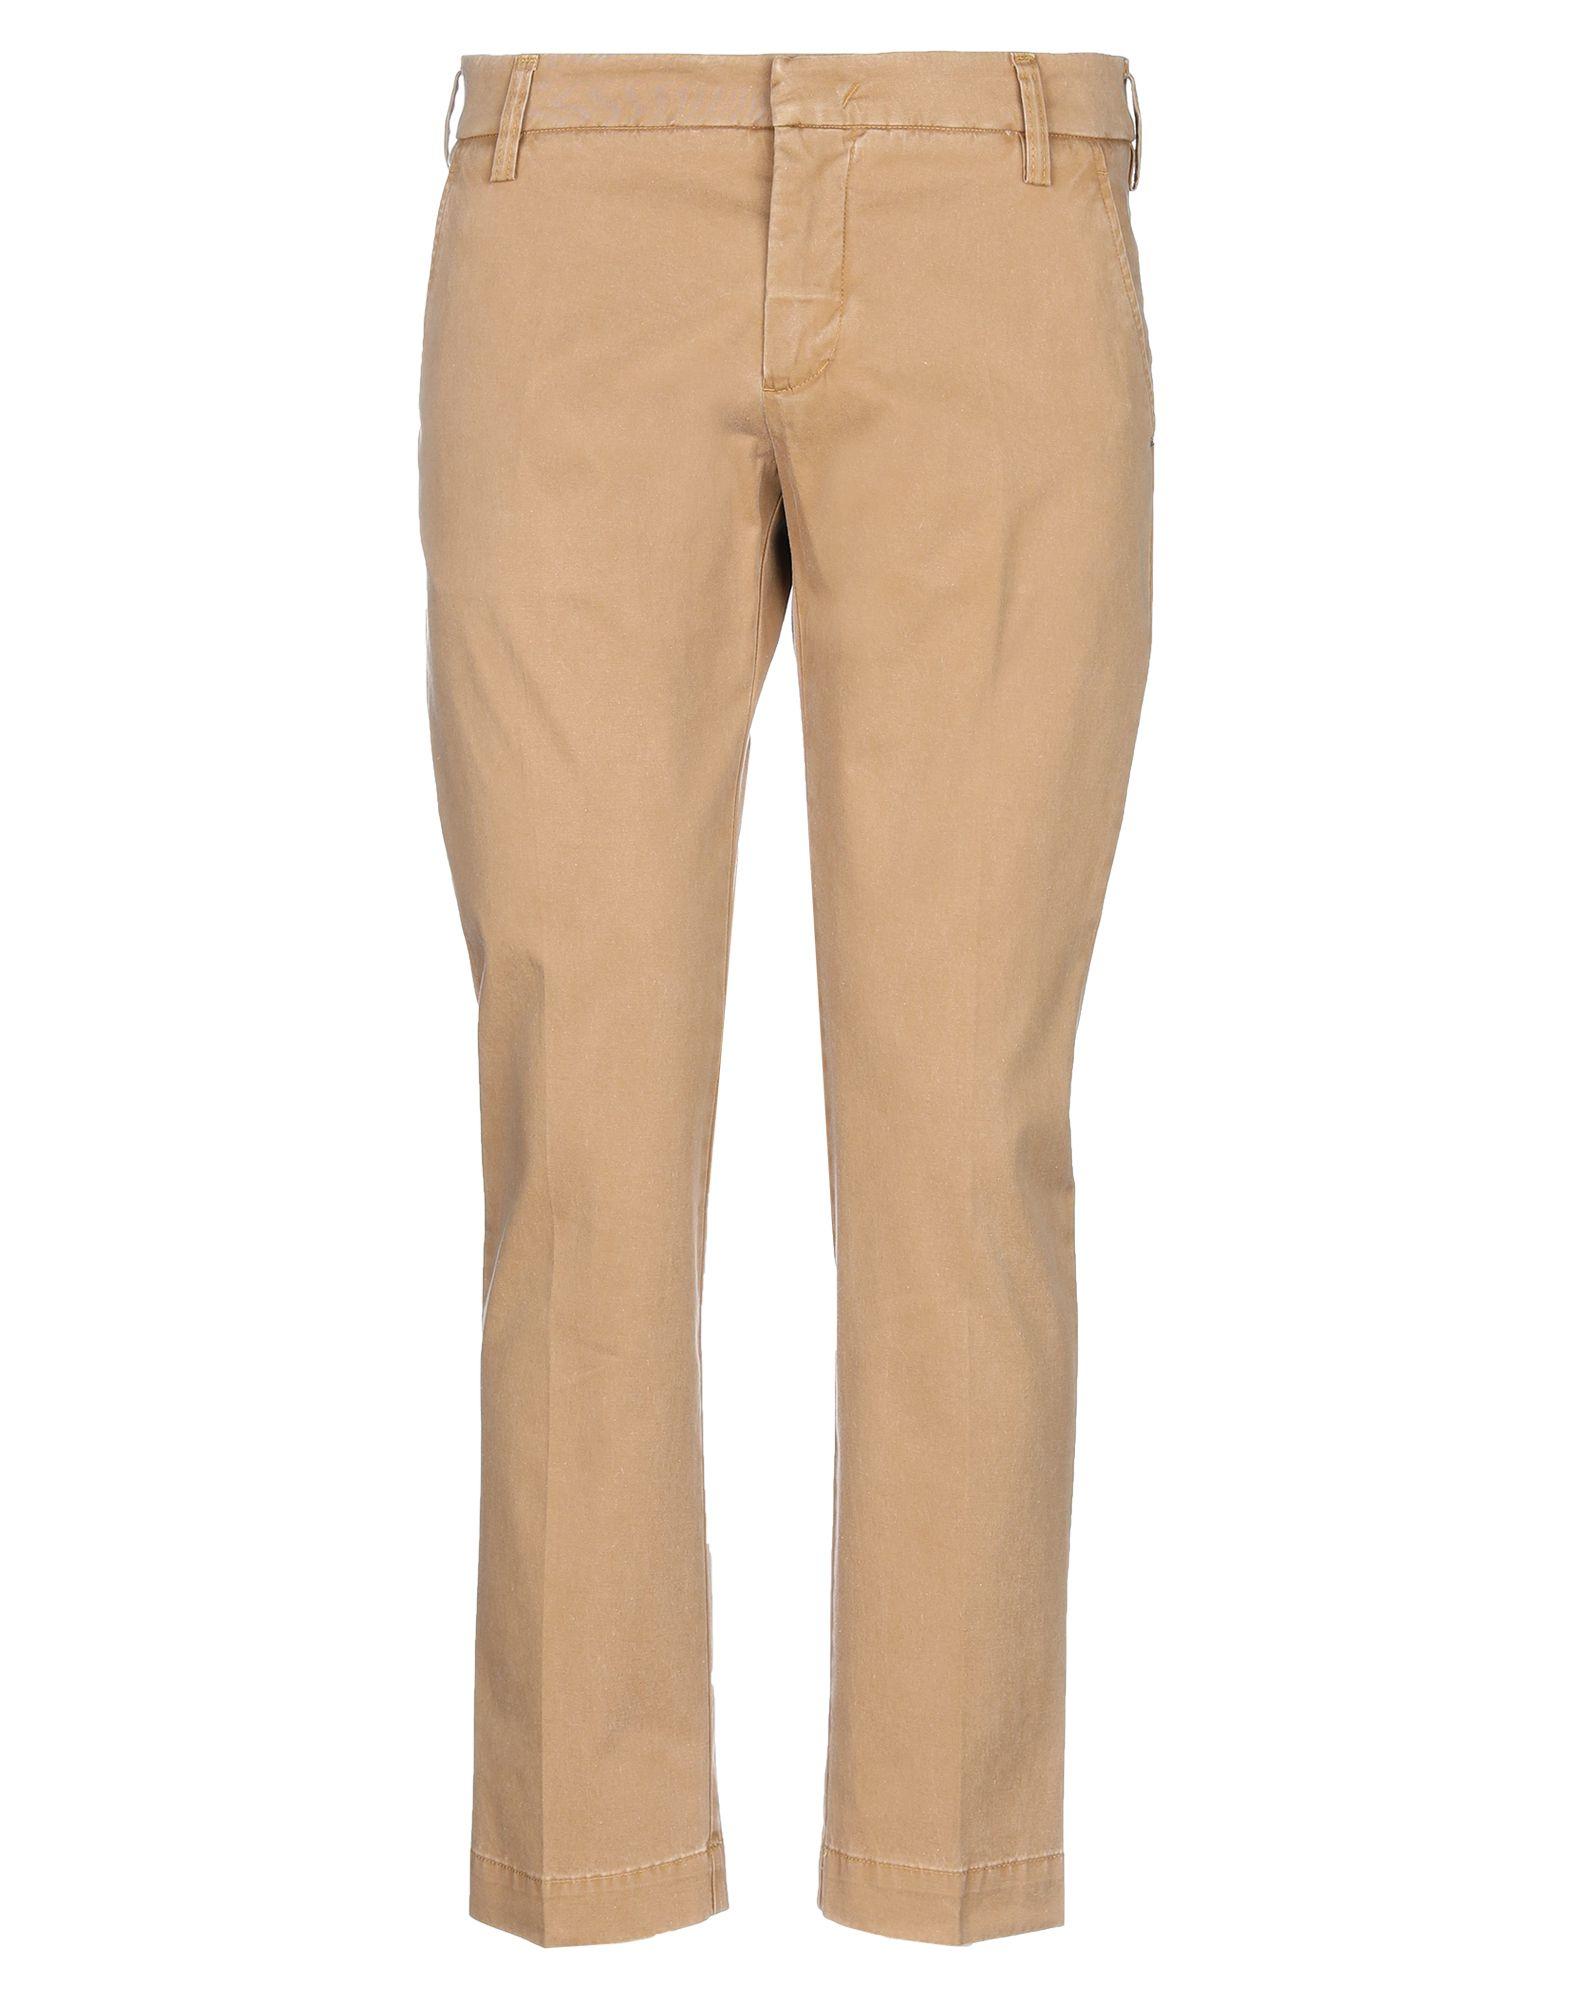 《セール開催中》ENTRE AMIS メンズ パンツ キャメル 35 コットン 96% / ポリウレタン 4%